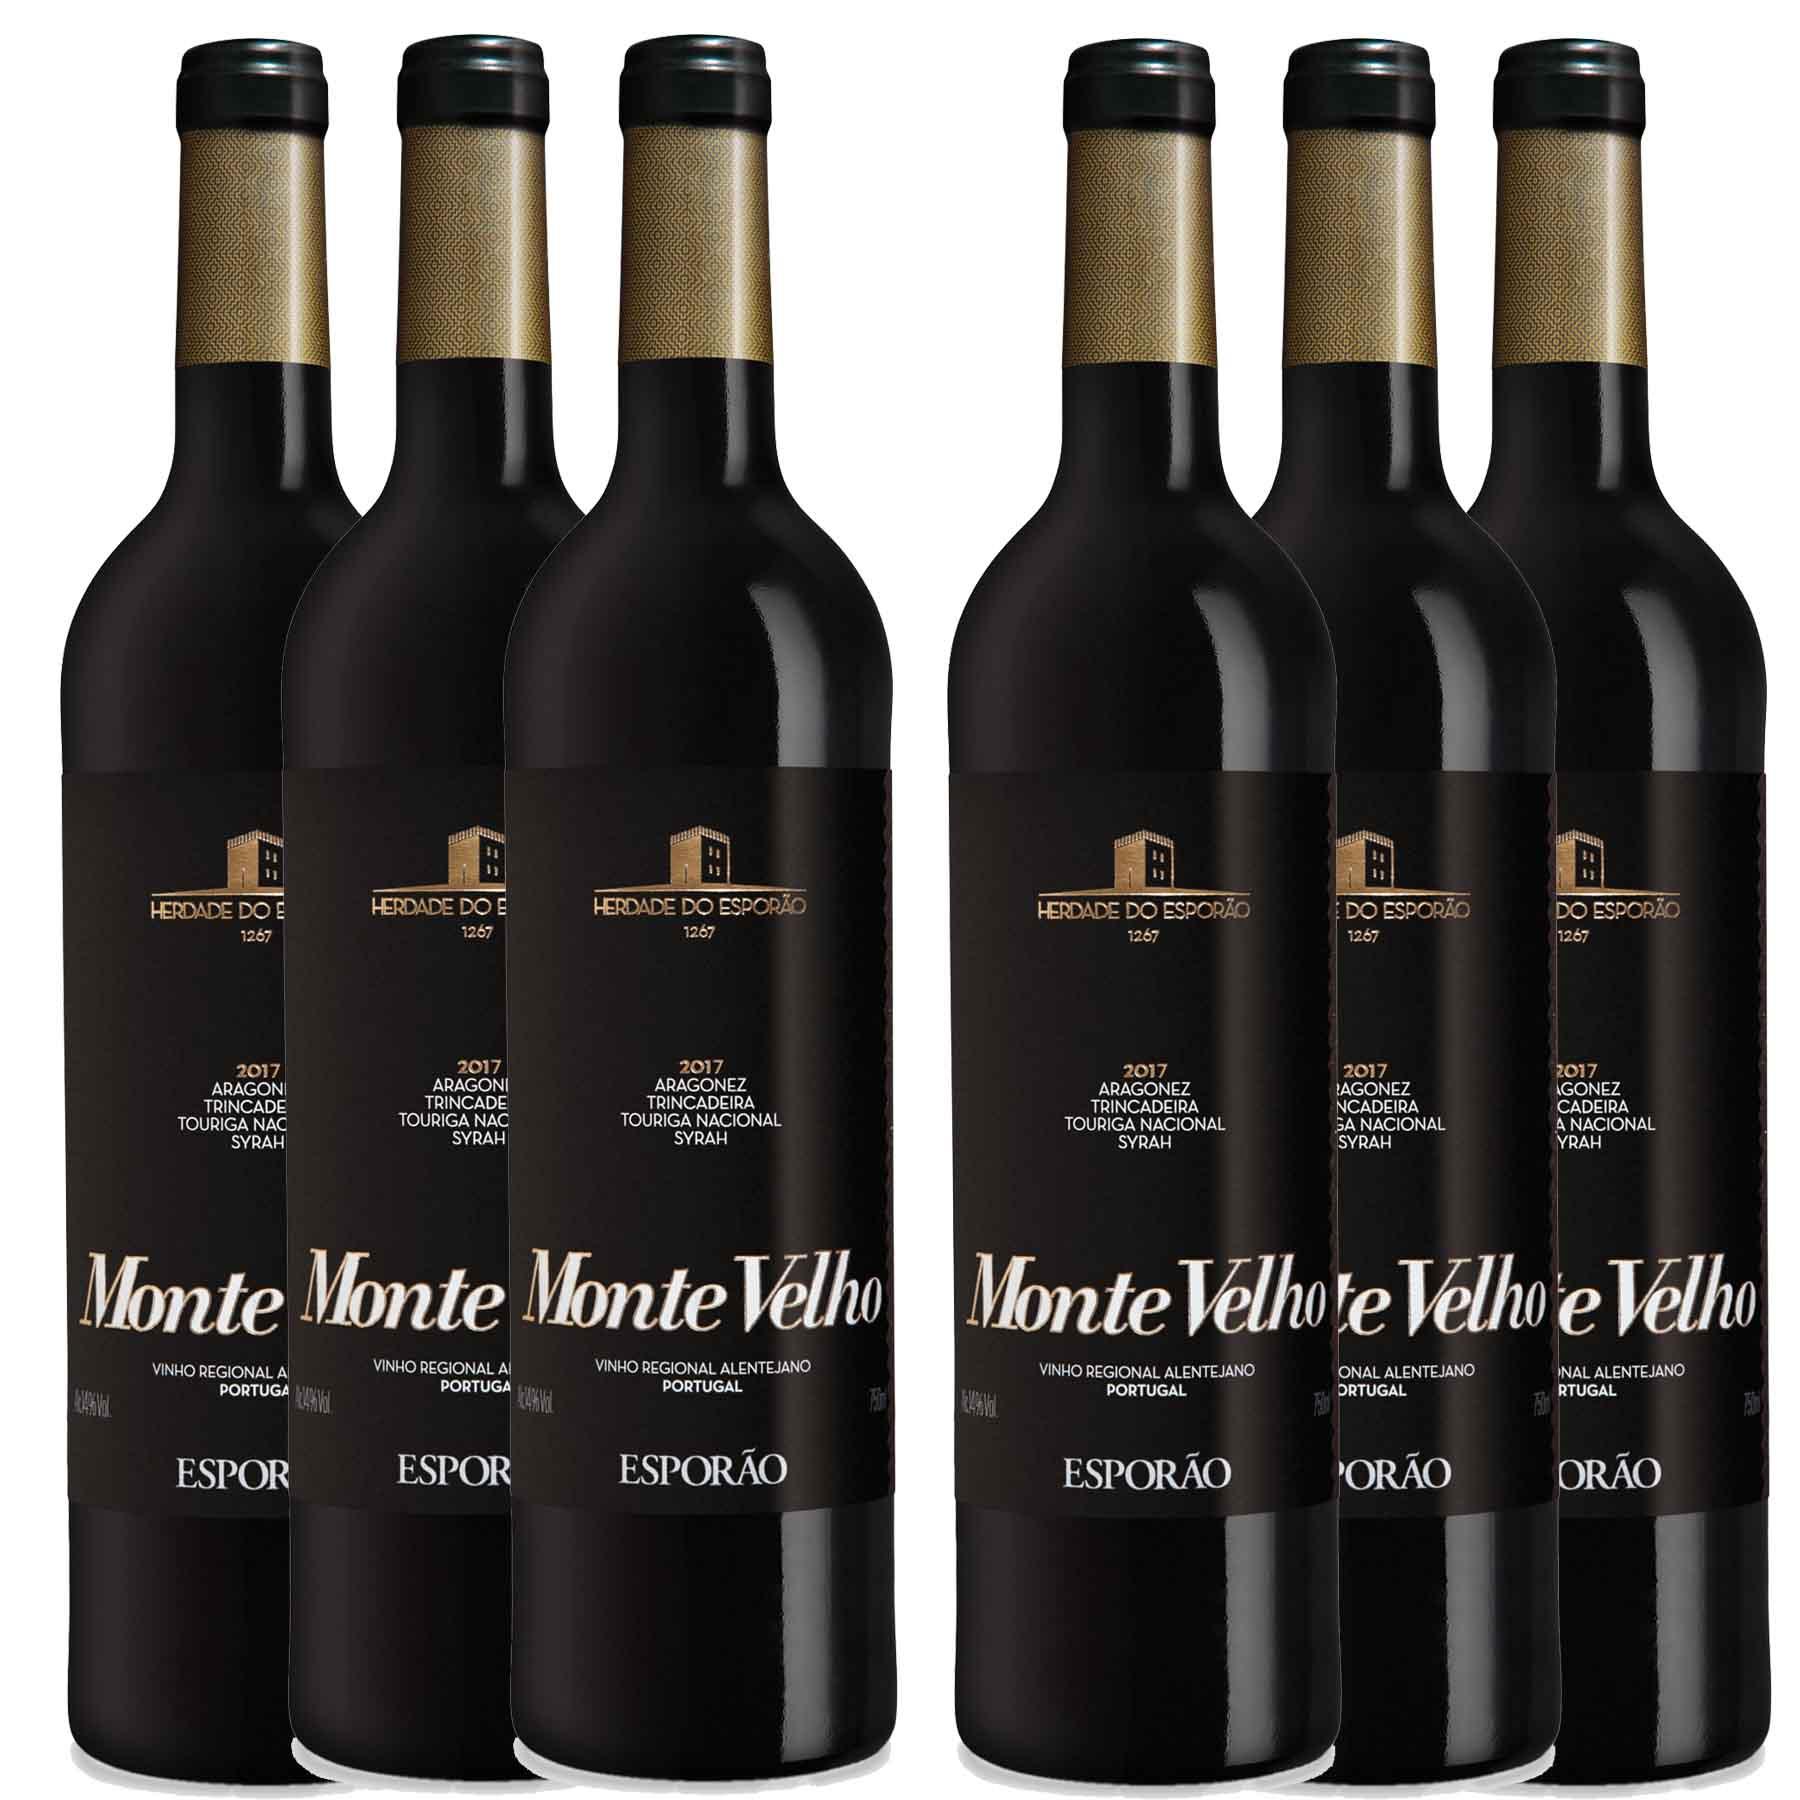 Kit 6x Vinho Tinto Português Esporão Monte Velho 750ml 2019